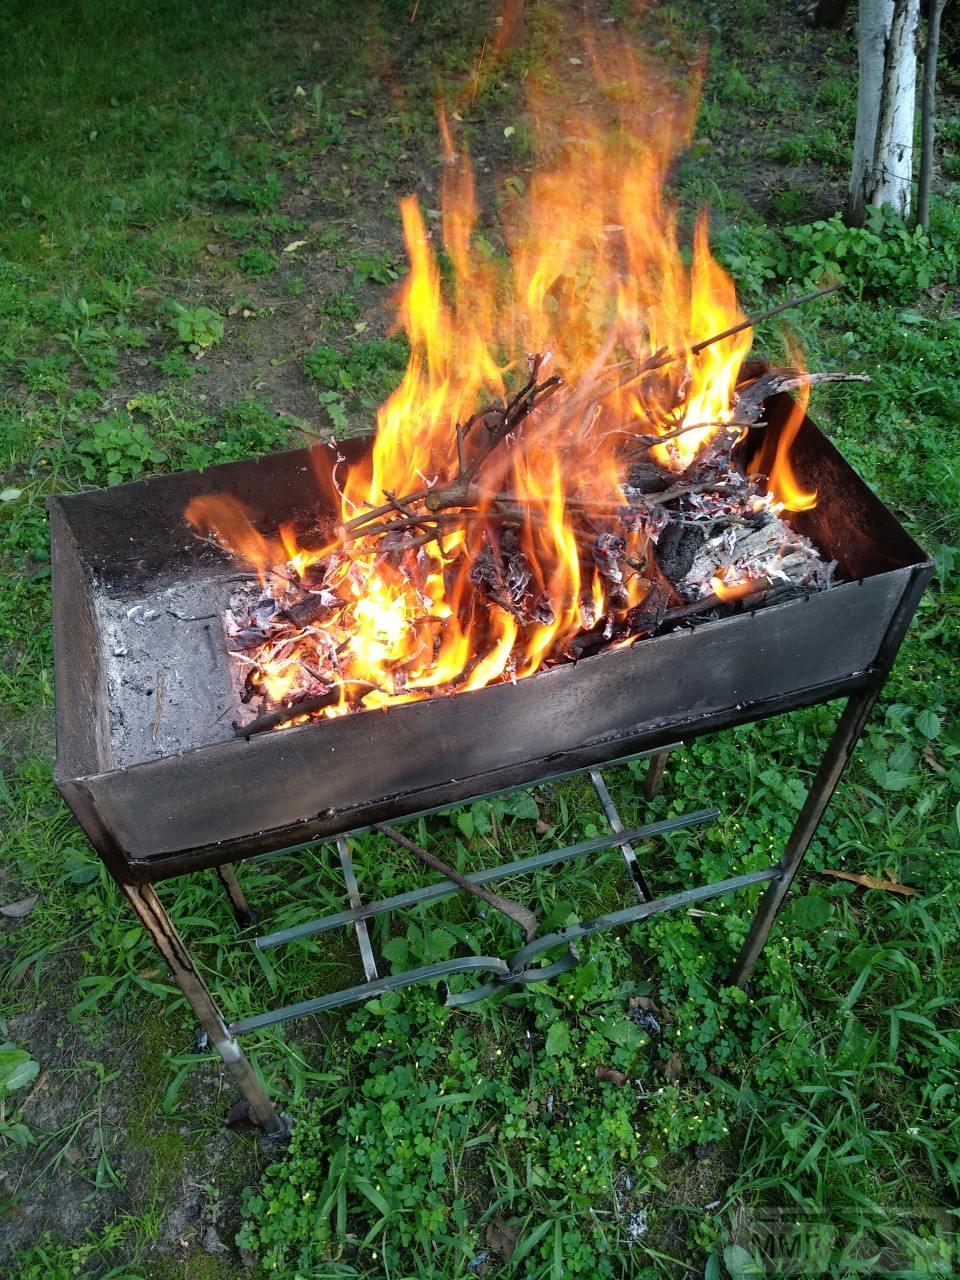 69695 - Закуски на огне (мангал, барбекю и т.д.) и кулинария вообще. Советы и рецепты.